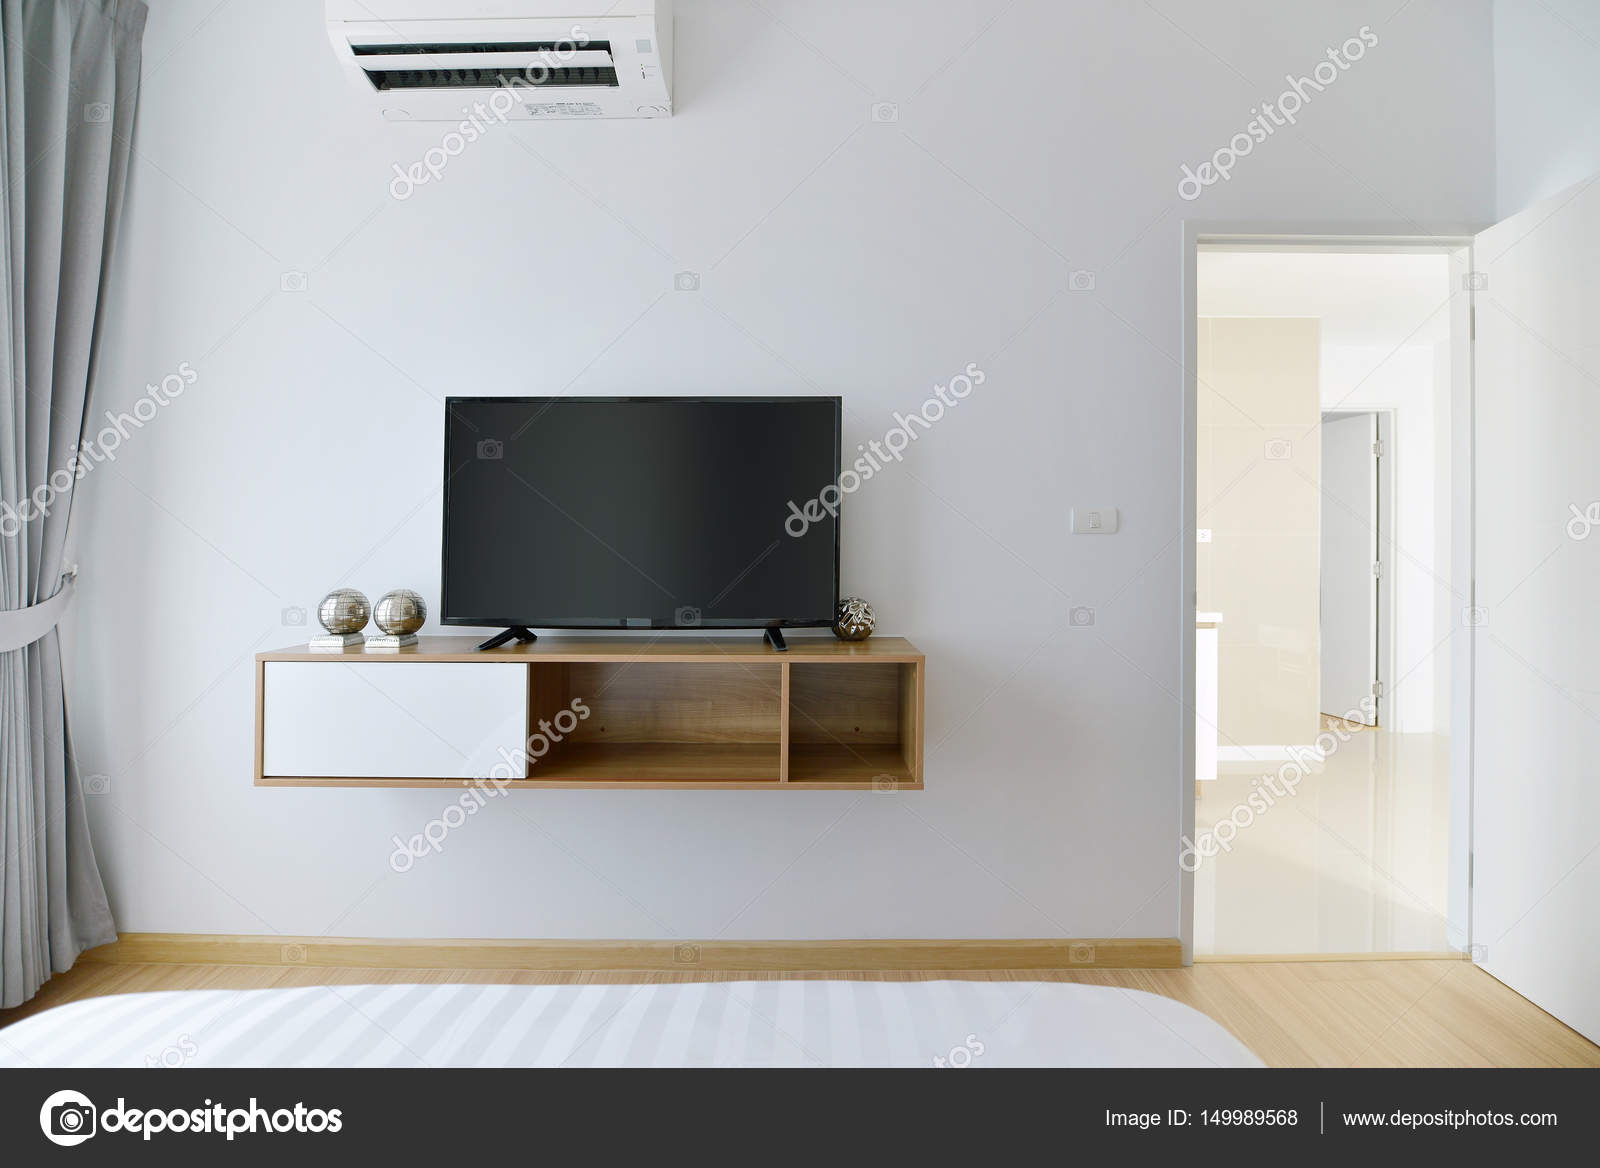 Tv Op Plank Aan Muur.Moderne Lege Slaapkamer Met Led Tv Op De Witte Muur En Houten Plank